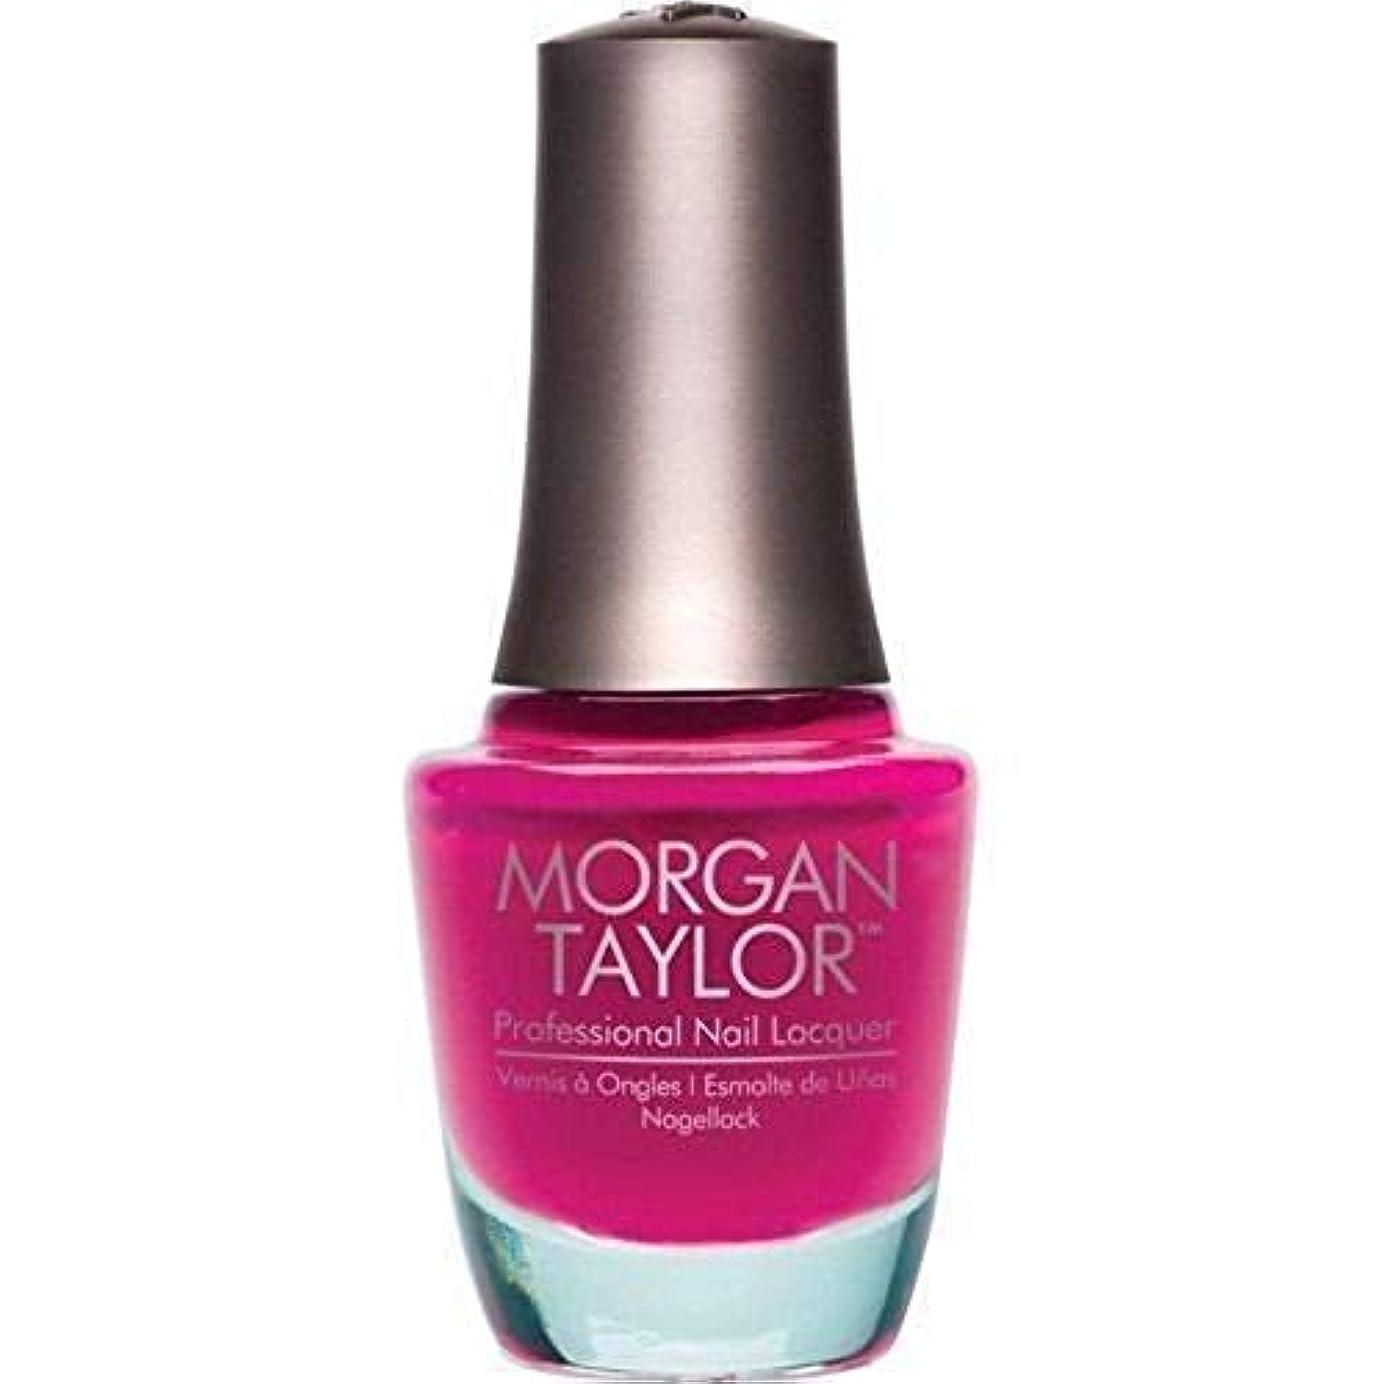 立方体メモ累積Morgan Taylor - Professional Nail Lacquer - Pop-arazzi Pose - 15 mL / 0.5oz